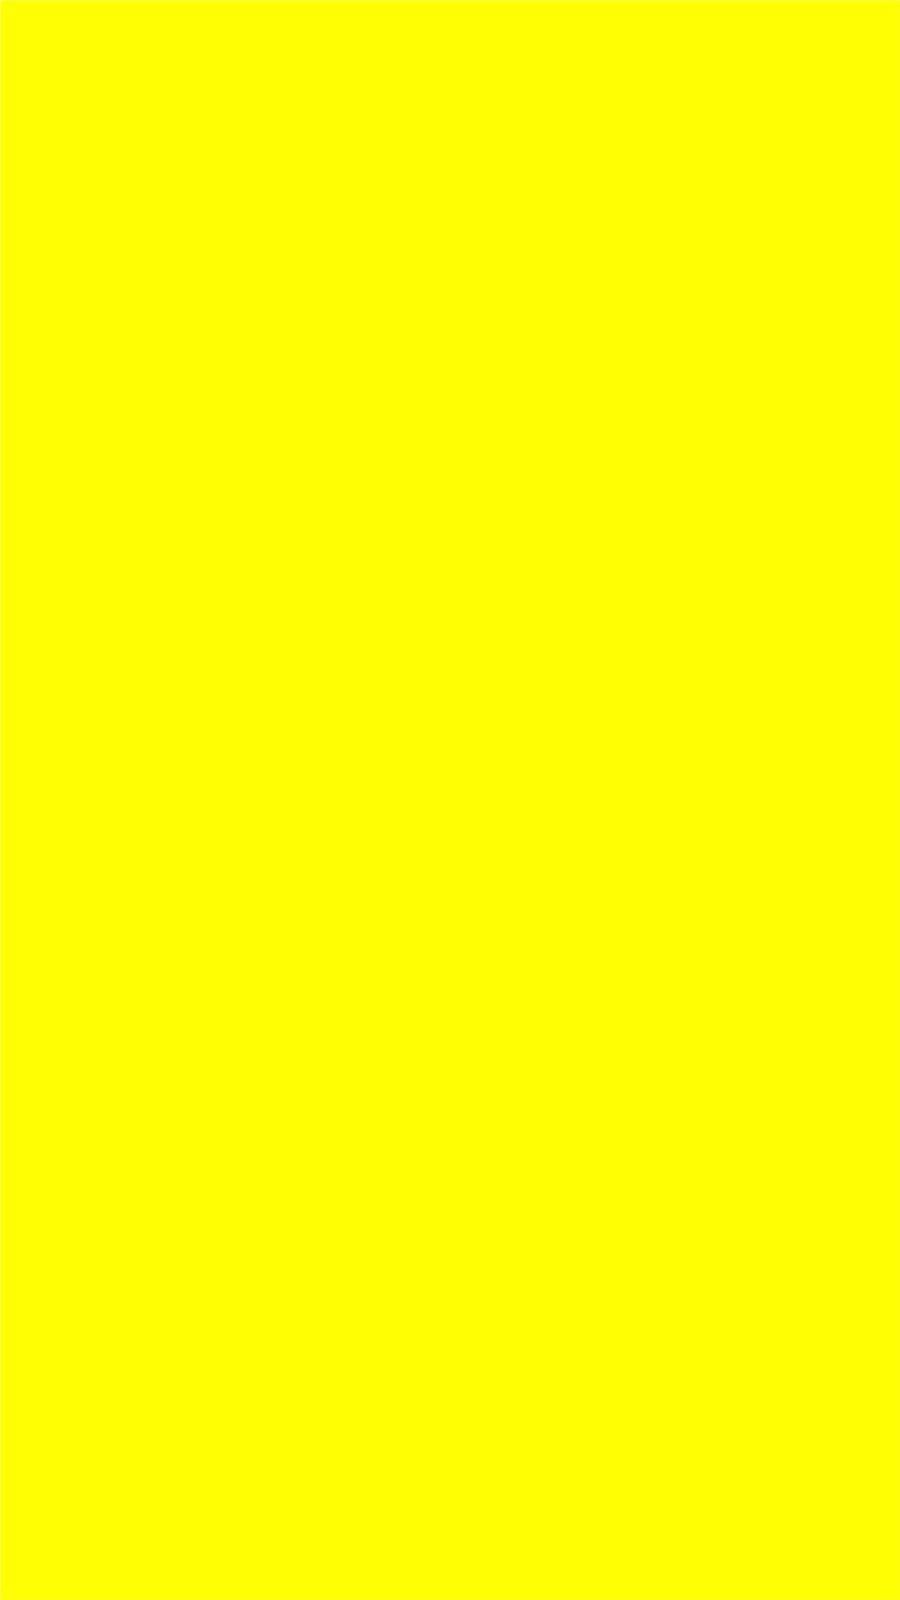 بالصور خلفية صفراء , اجمل الصور و الخلفيات باللون الاصفر 3454 11